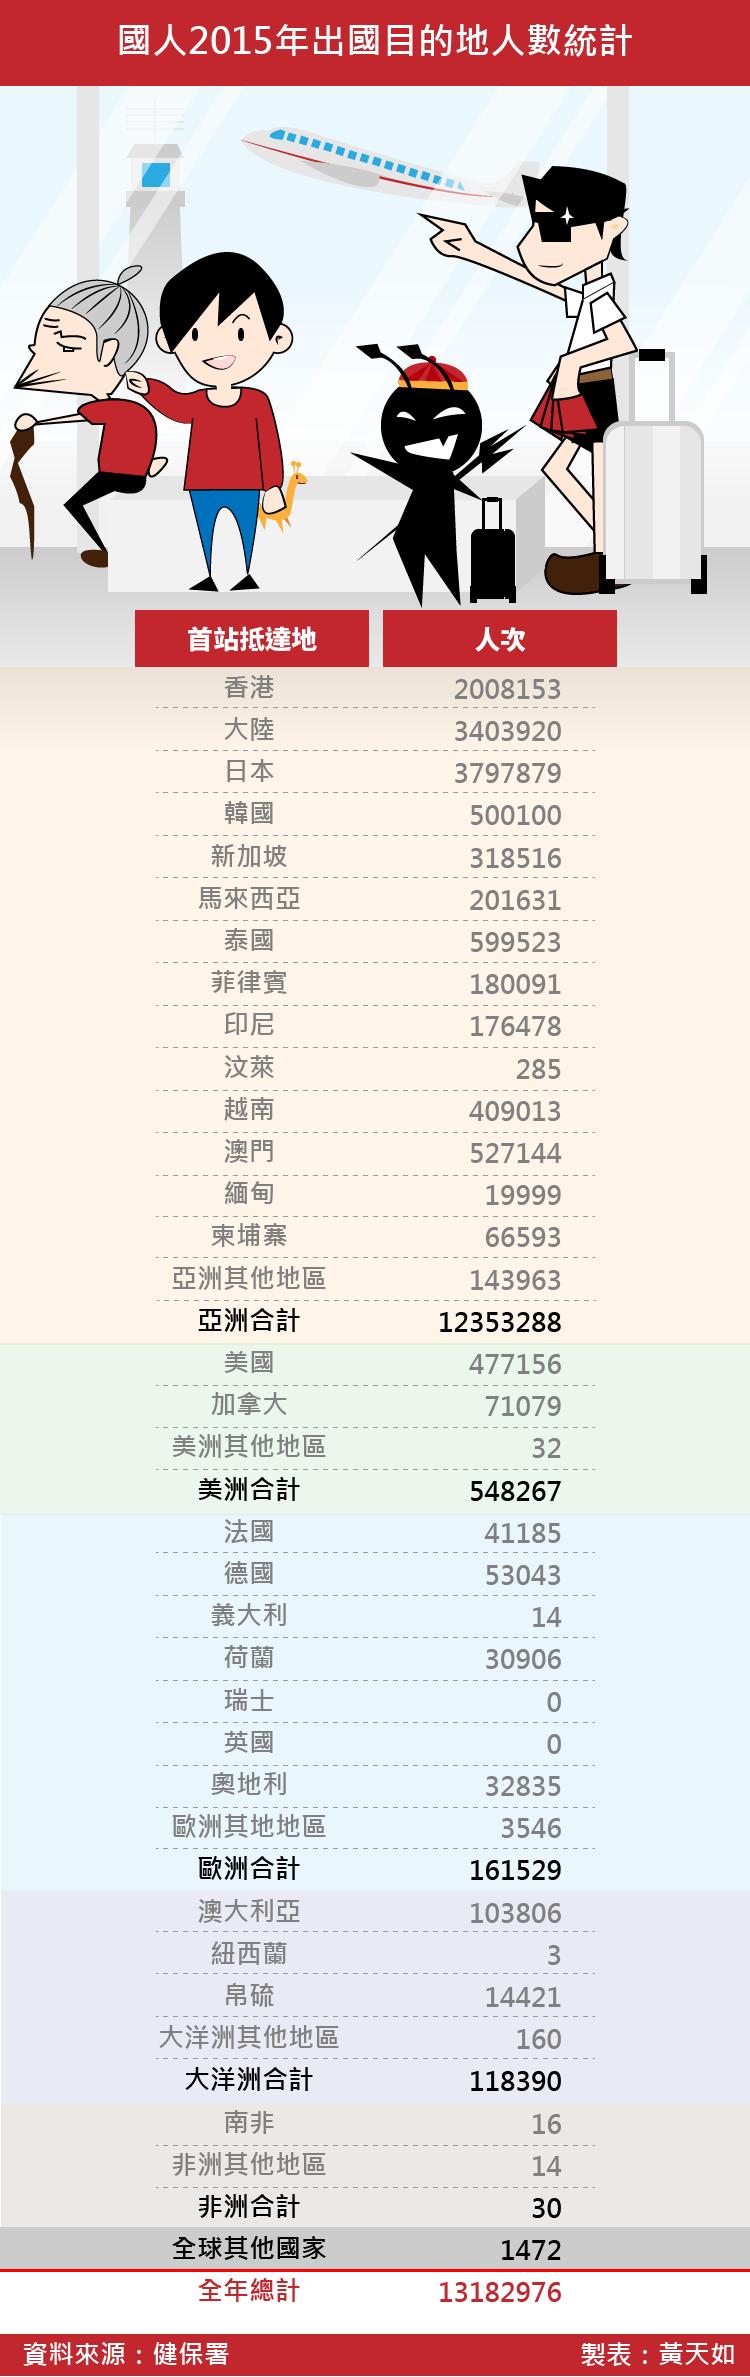 20170121-smg0035國人2015年出國目的地人數統計-01